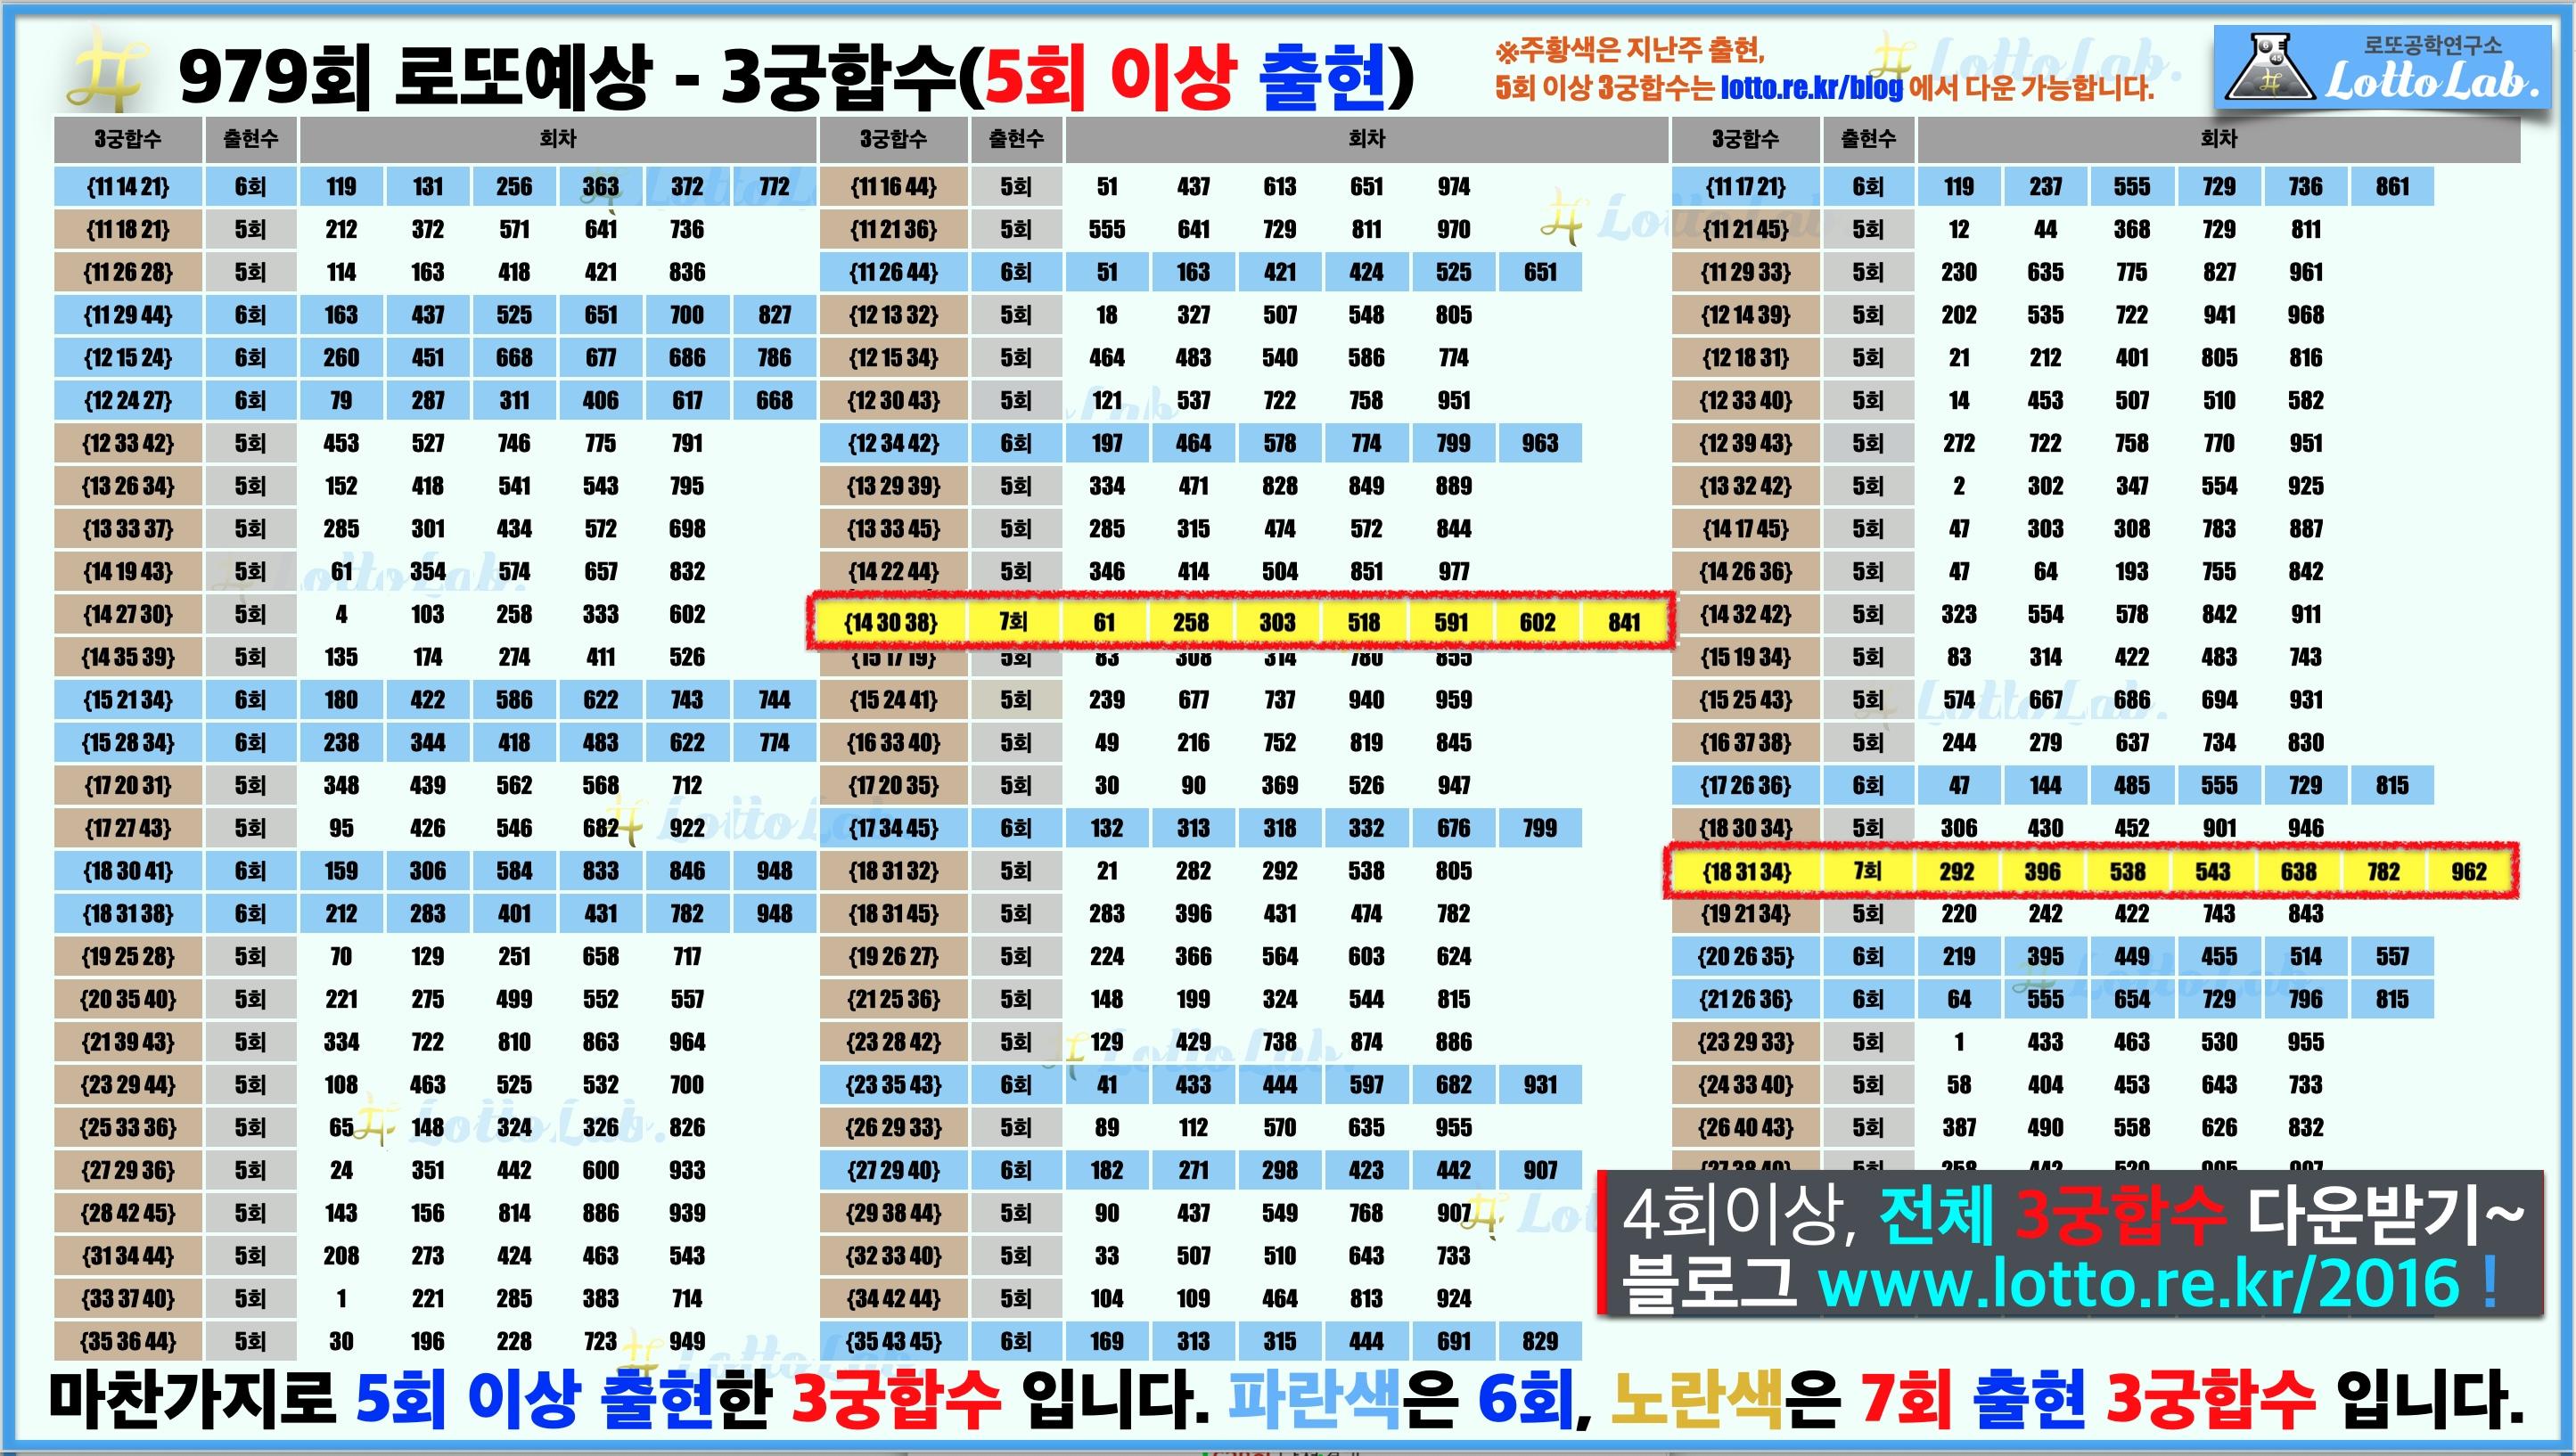 로또랩 로또979 당첨 번호 예상 - 3궁합수2